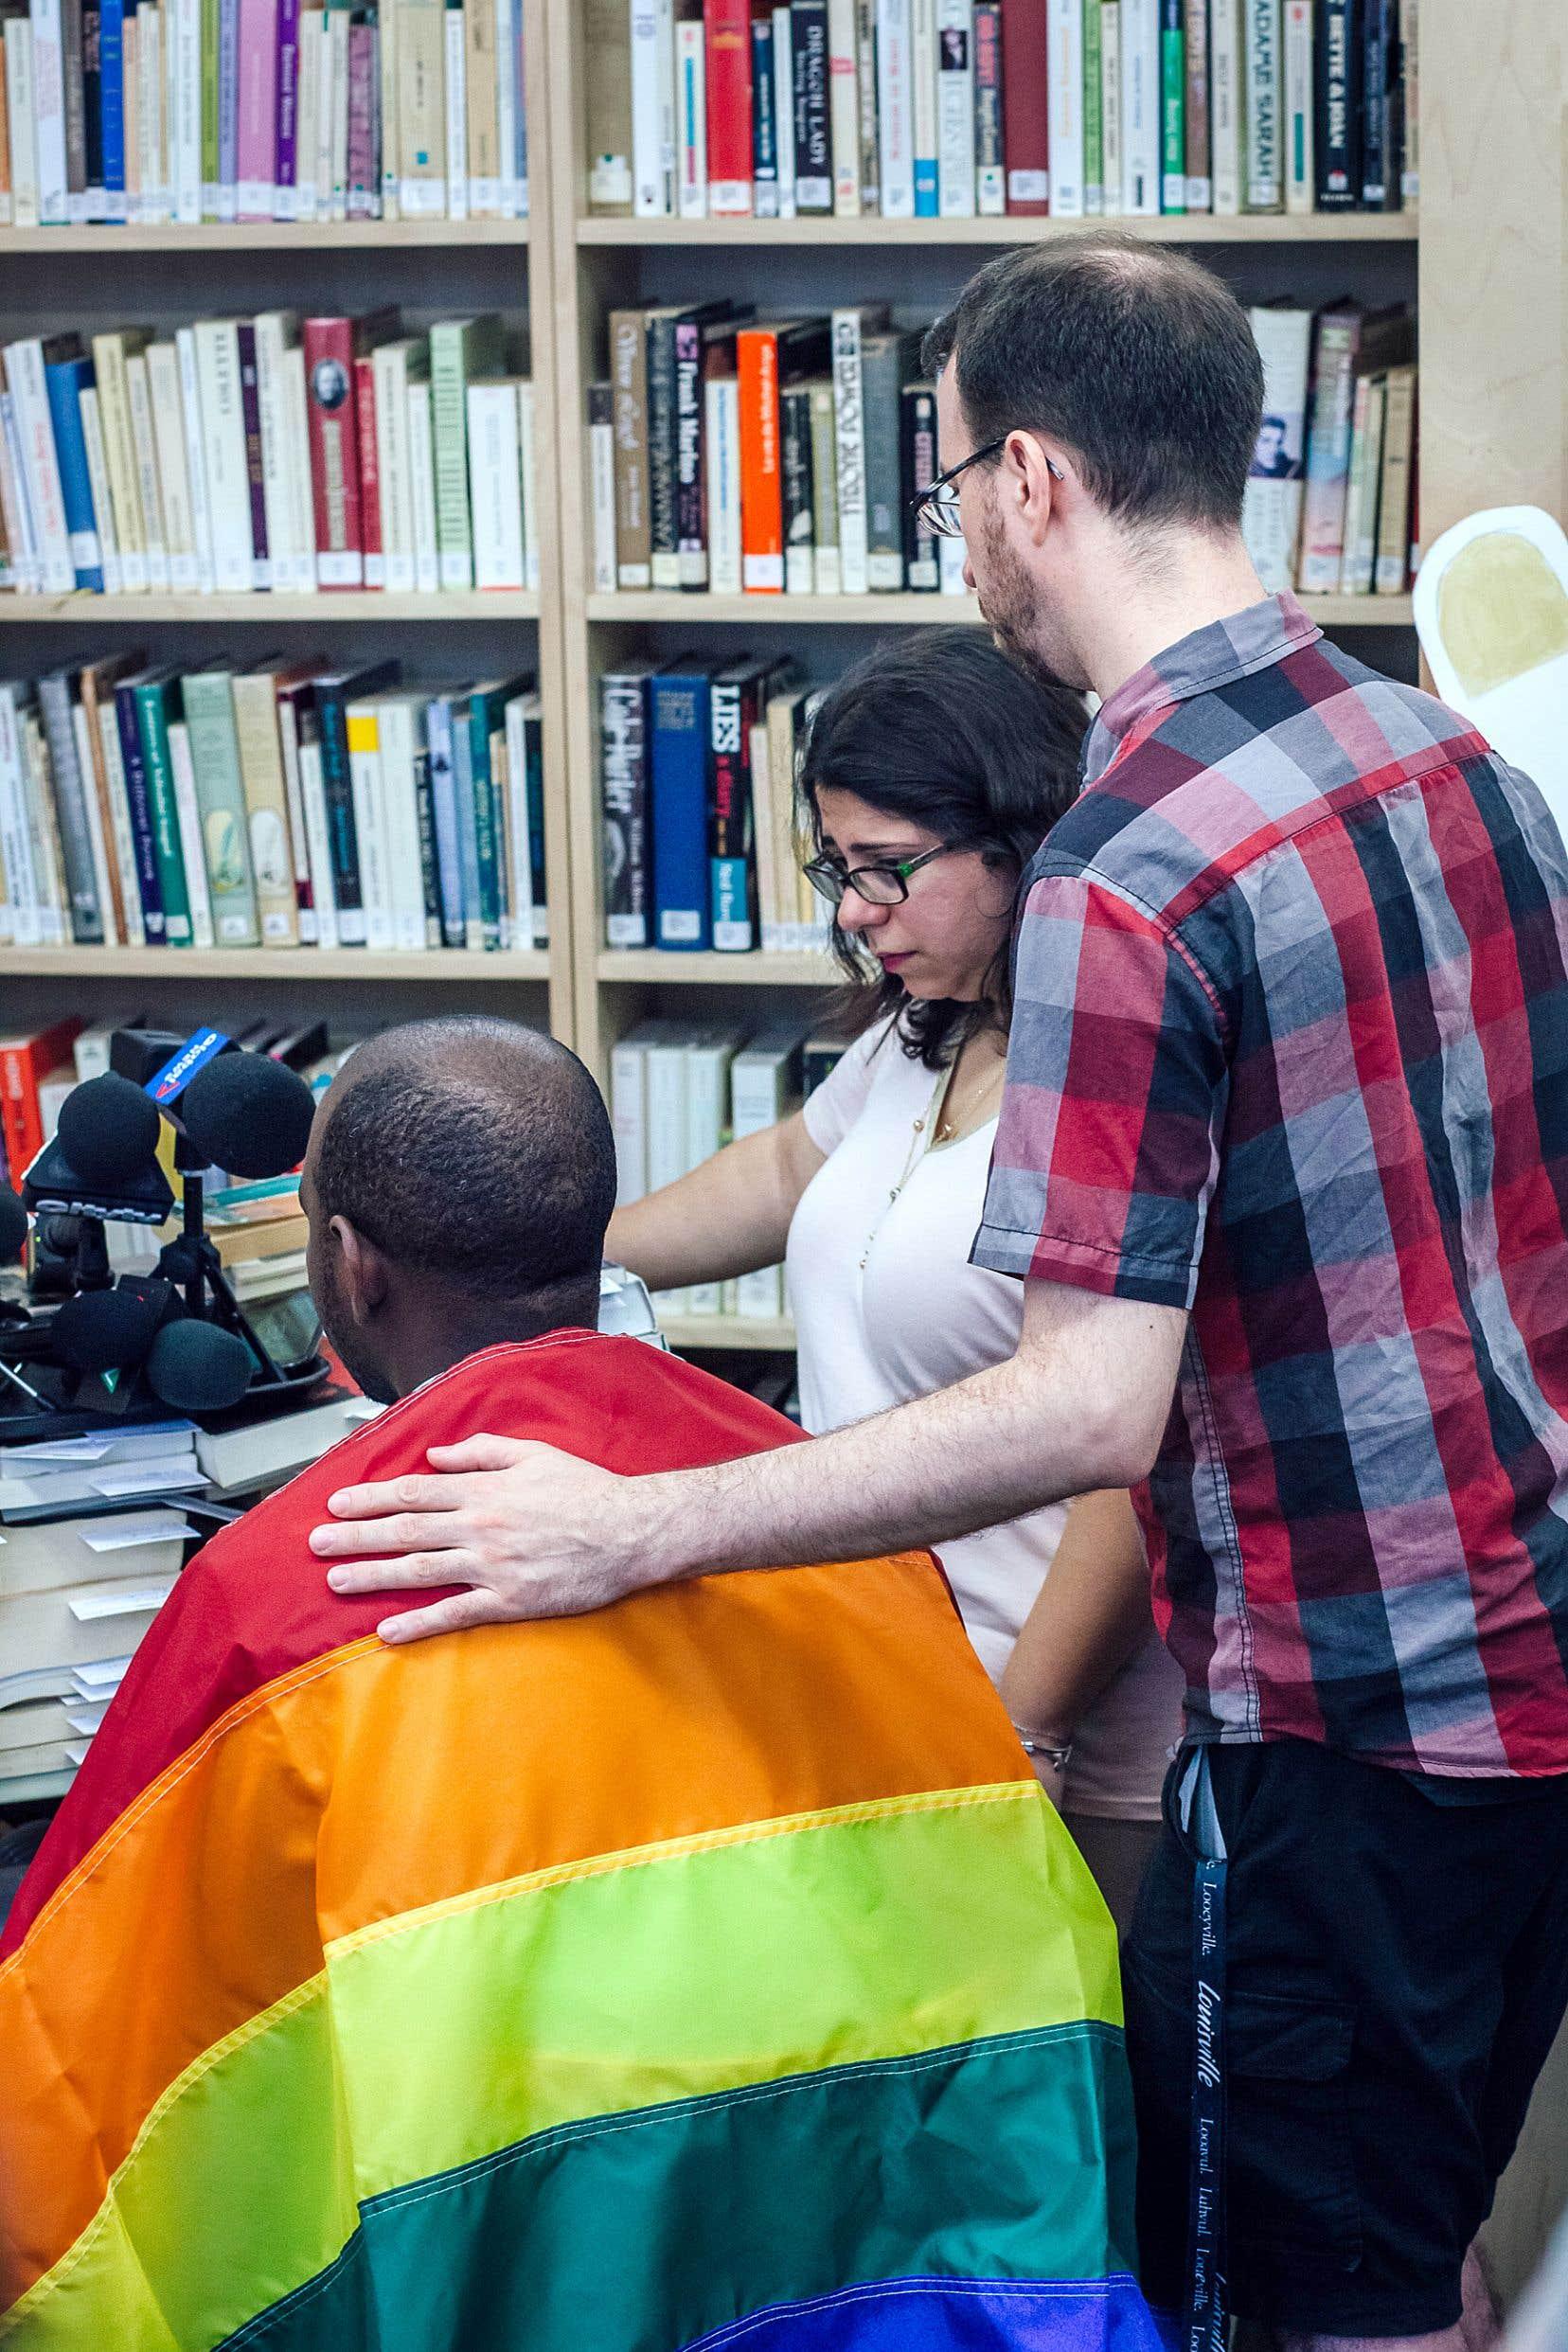 Karim (nom fictif), un guineen bisexuel, soutenu par Christian Tanguay, du Centre communautaire LGBTQ+ de Montréal et de Meryem Benslimane, d'Action LGBTQ avec les immigrantEs et réfugiéEs (AGIR), pendant une conférence de presse dimanche dernier.